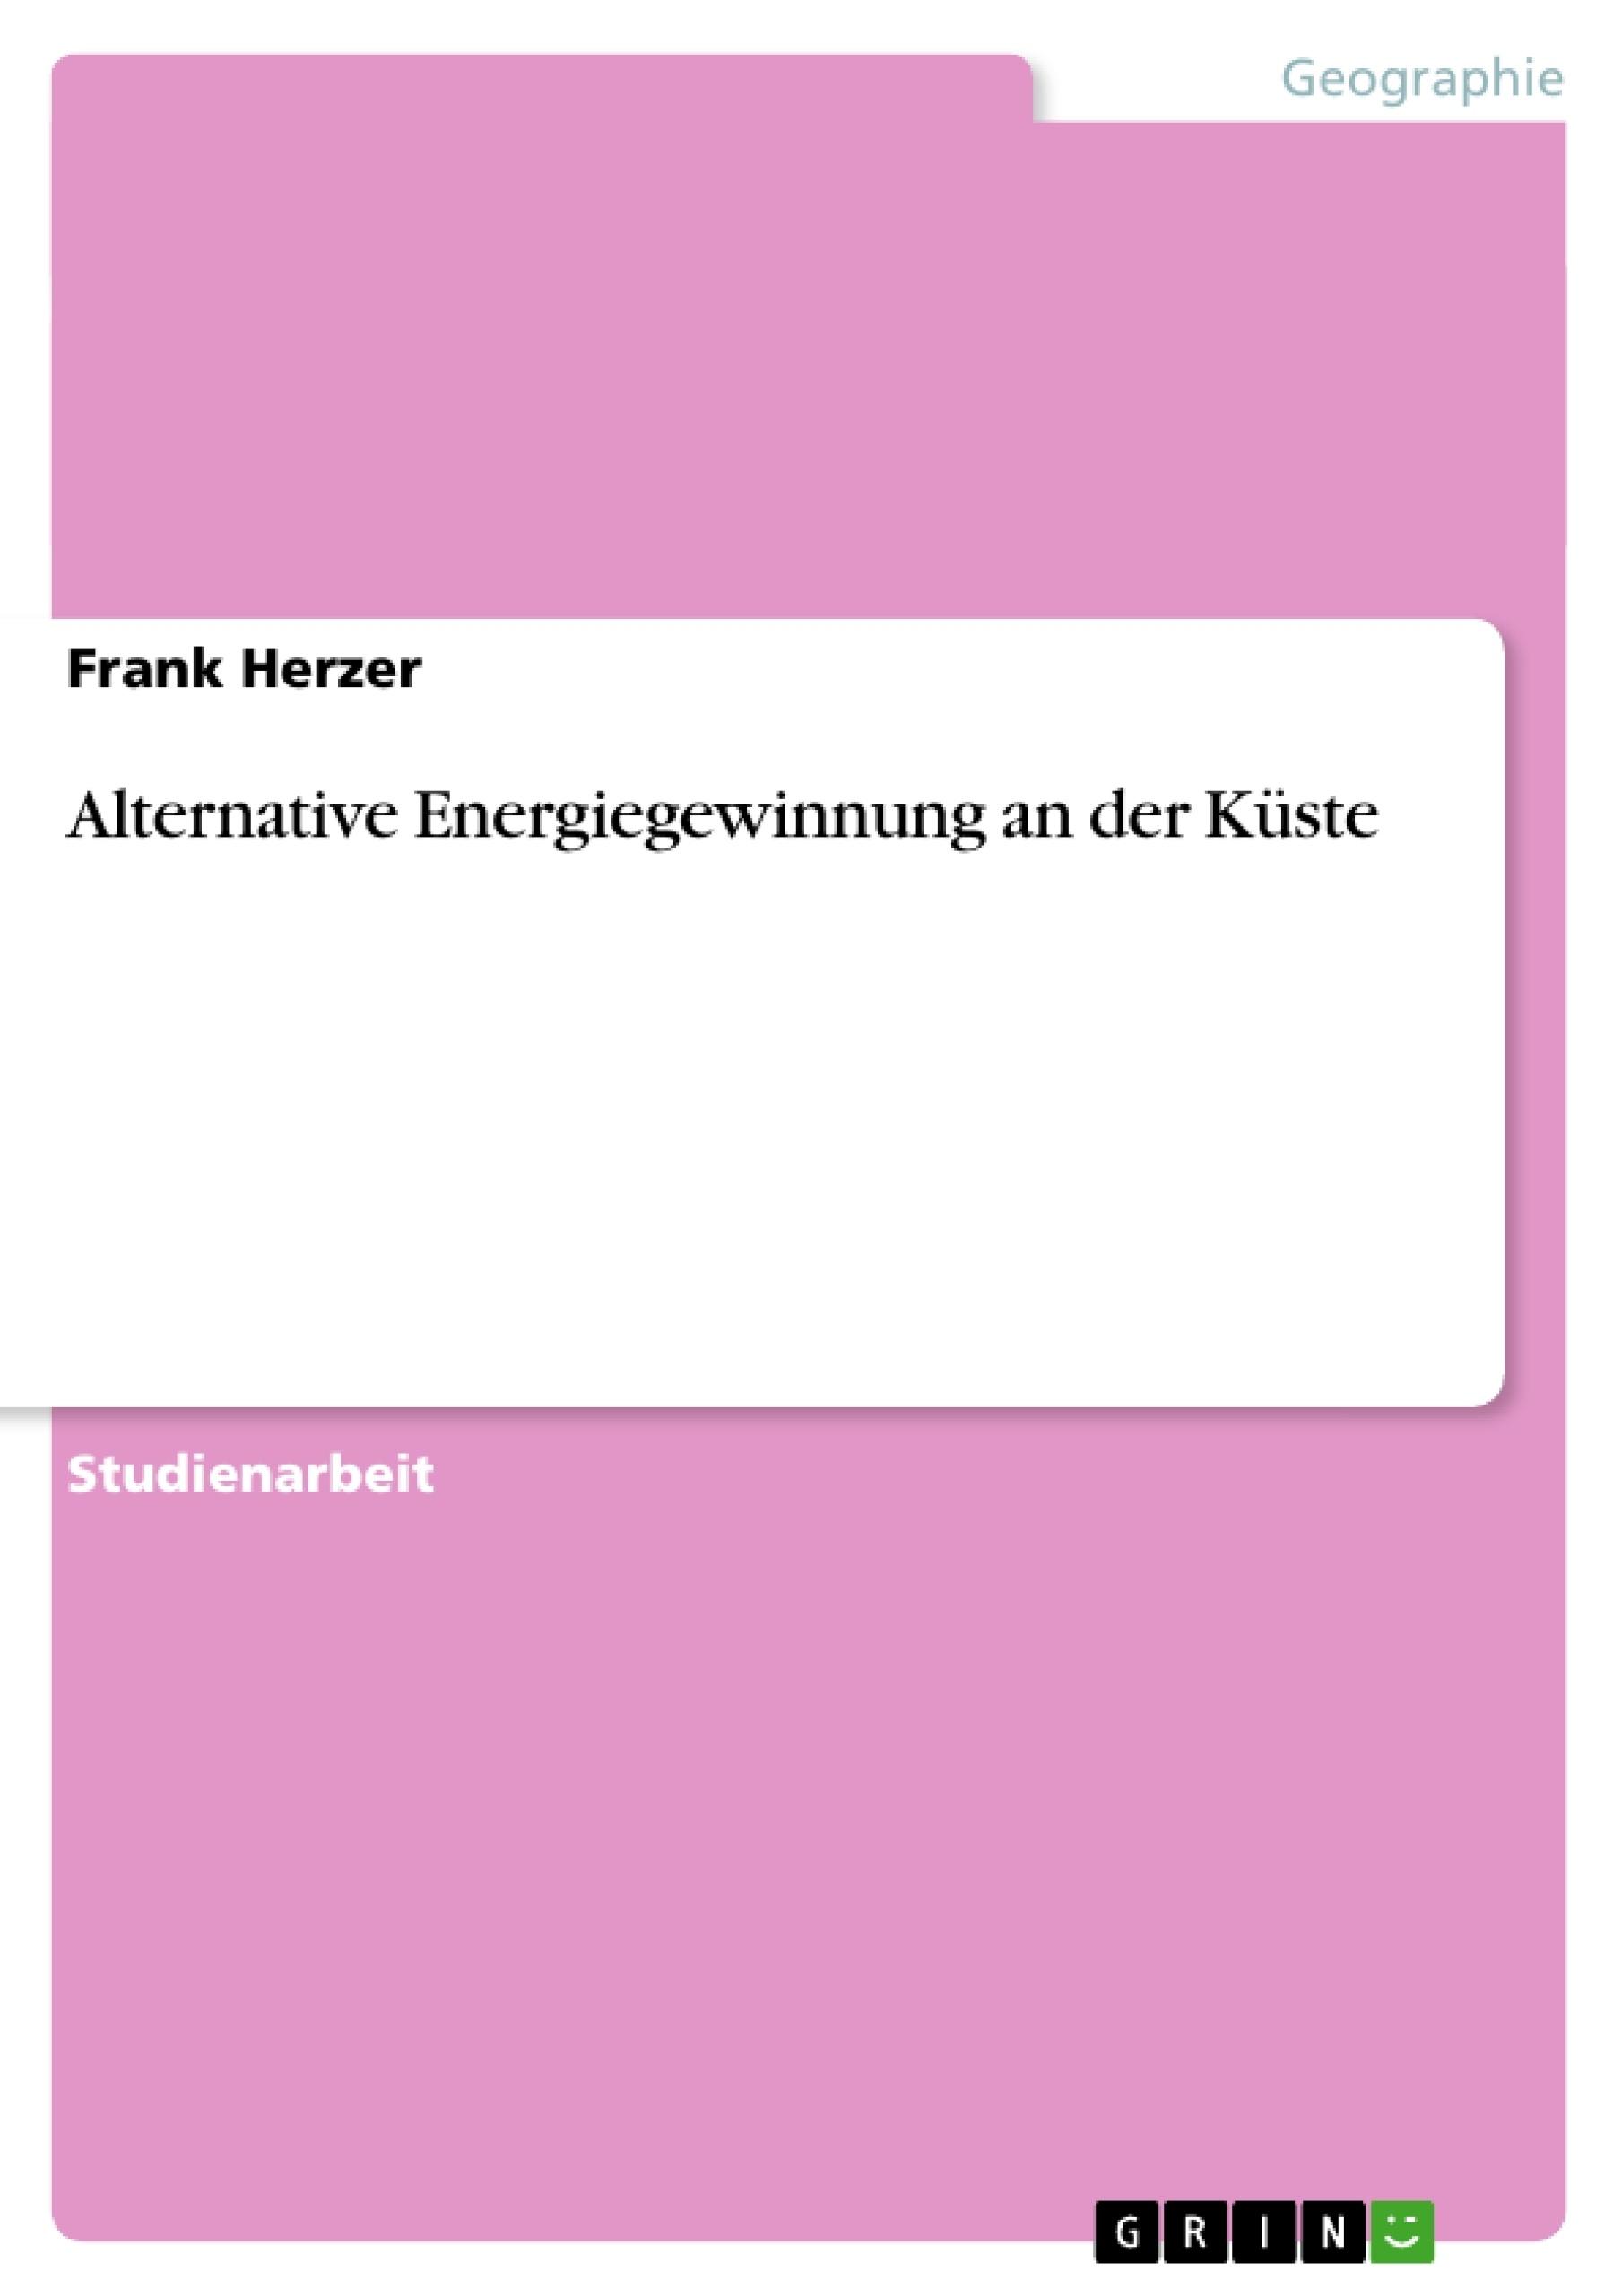 Titel: Alternative Energiegewinnung an der Küste